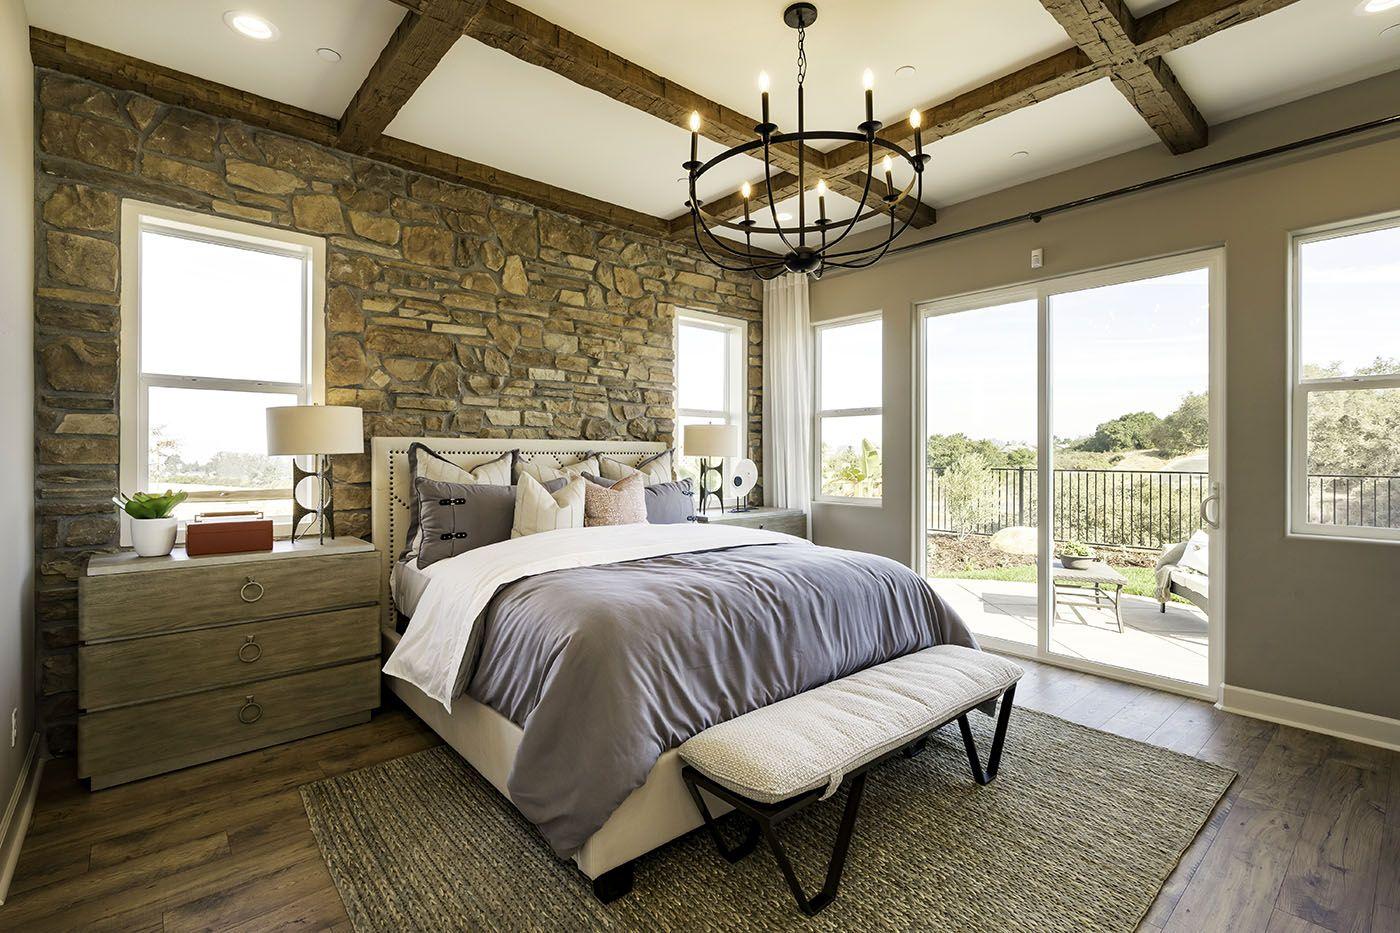 Bedroom featured in the Ashford By Coastal Community Builders in Santa Barbara, CA